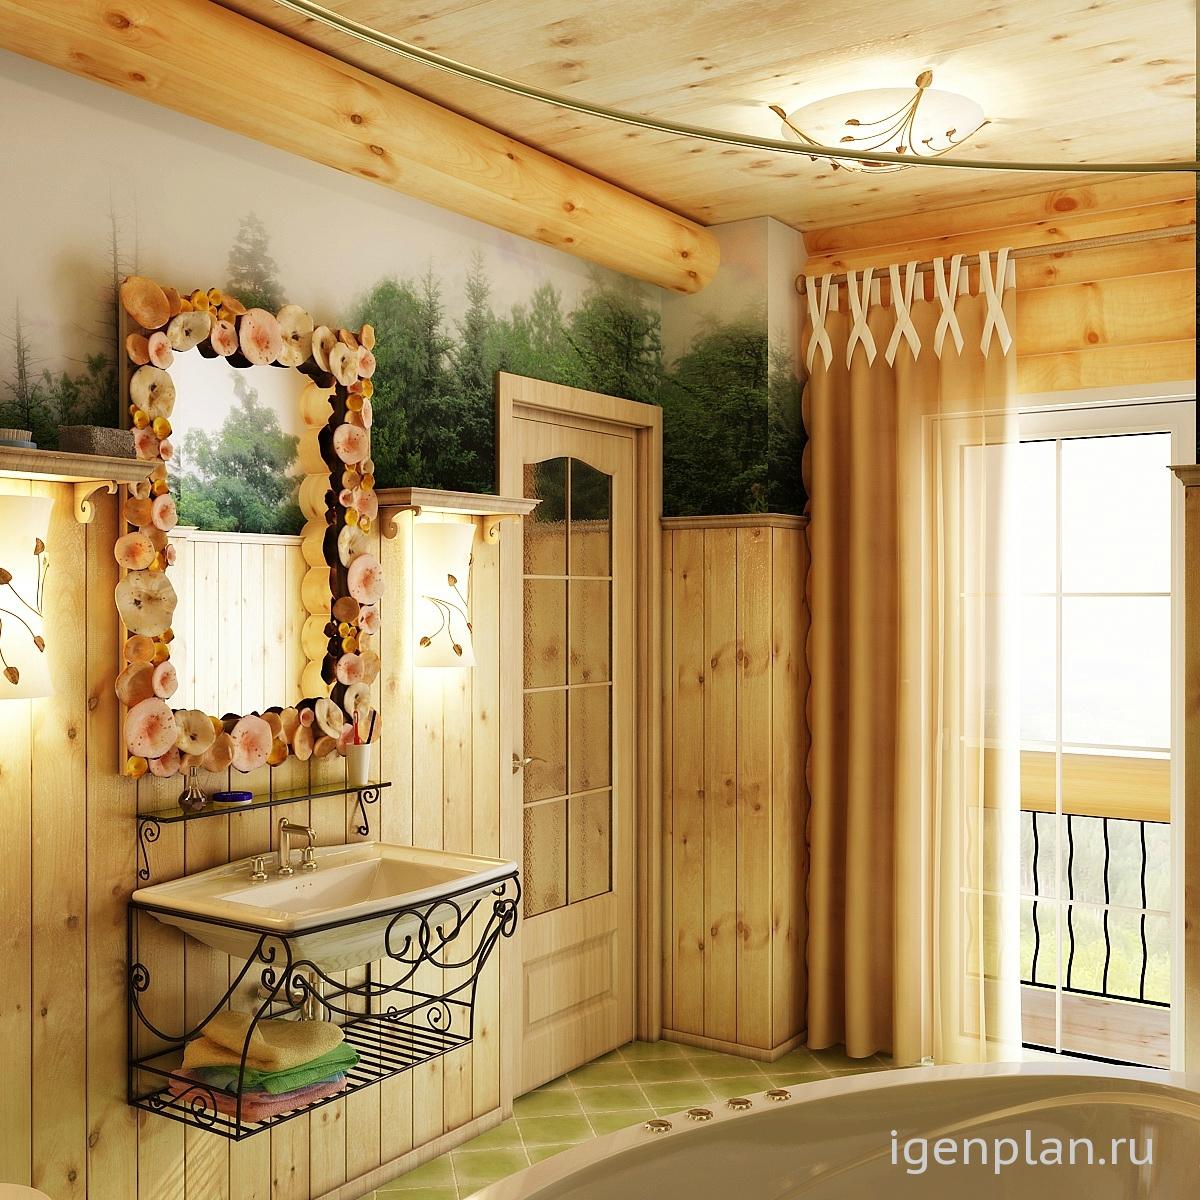 Дом дизайн киров